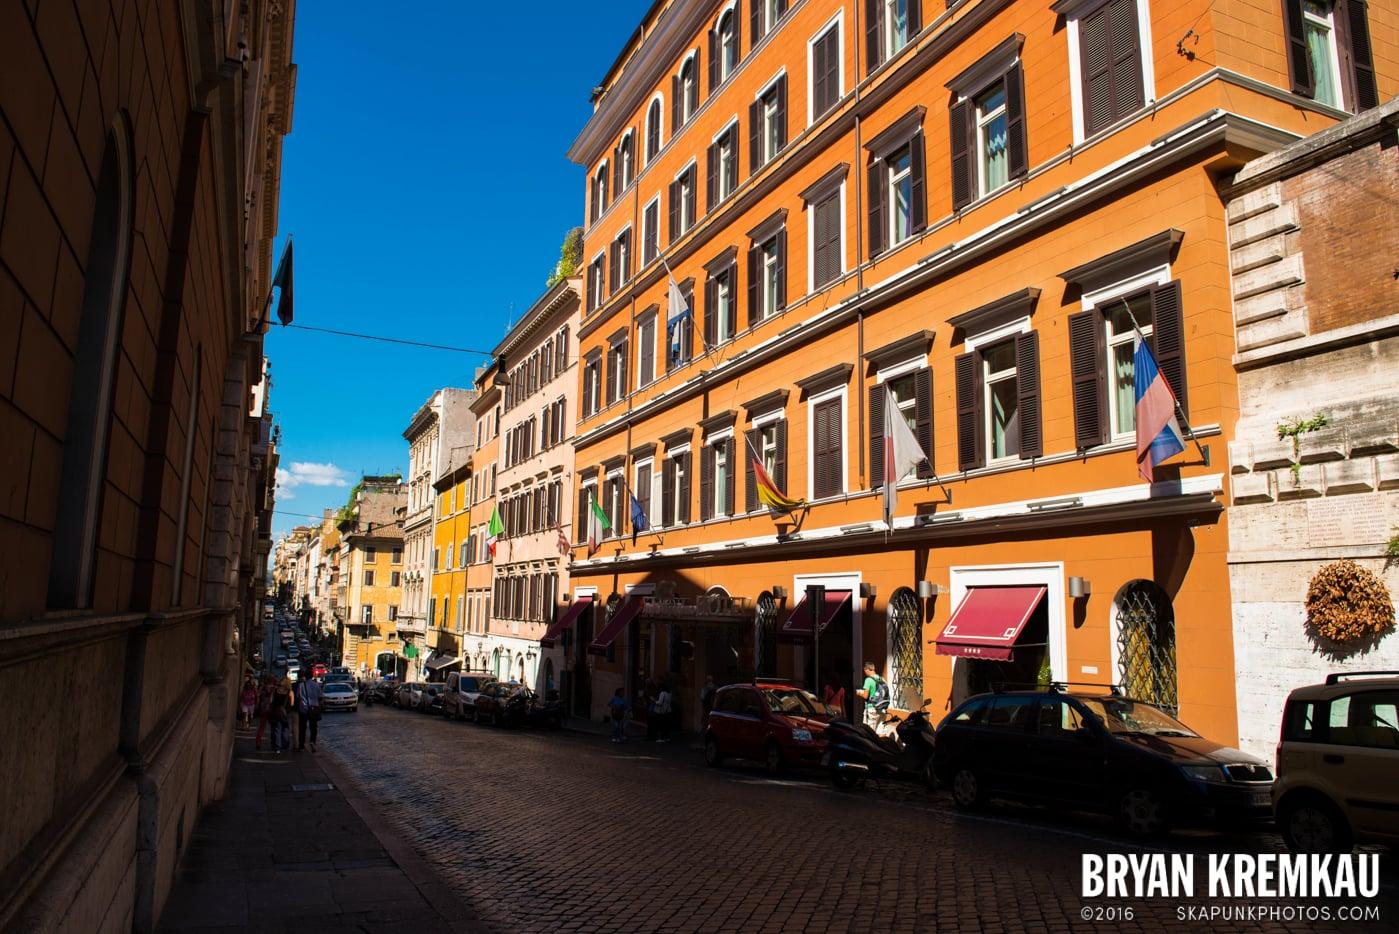 Italy Vacation - Day 12: Rome - 9.20.13 (29)